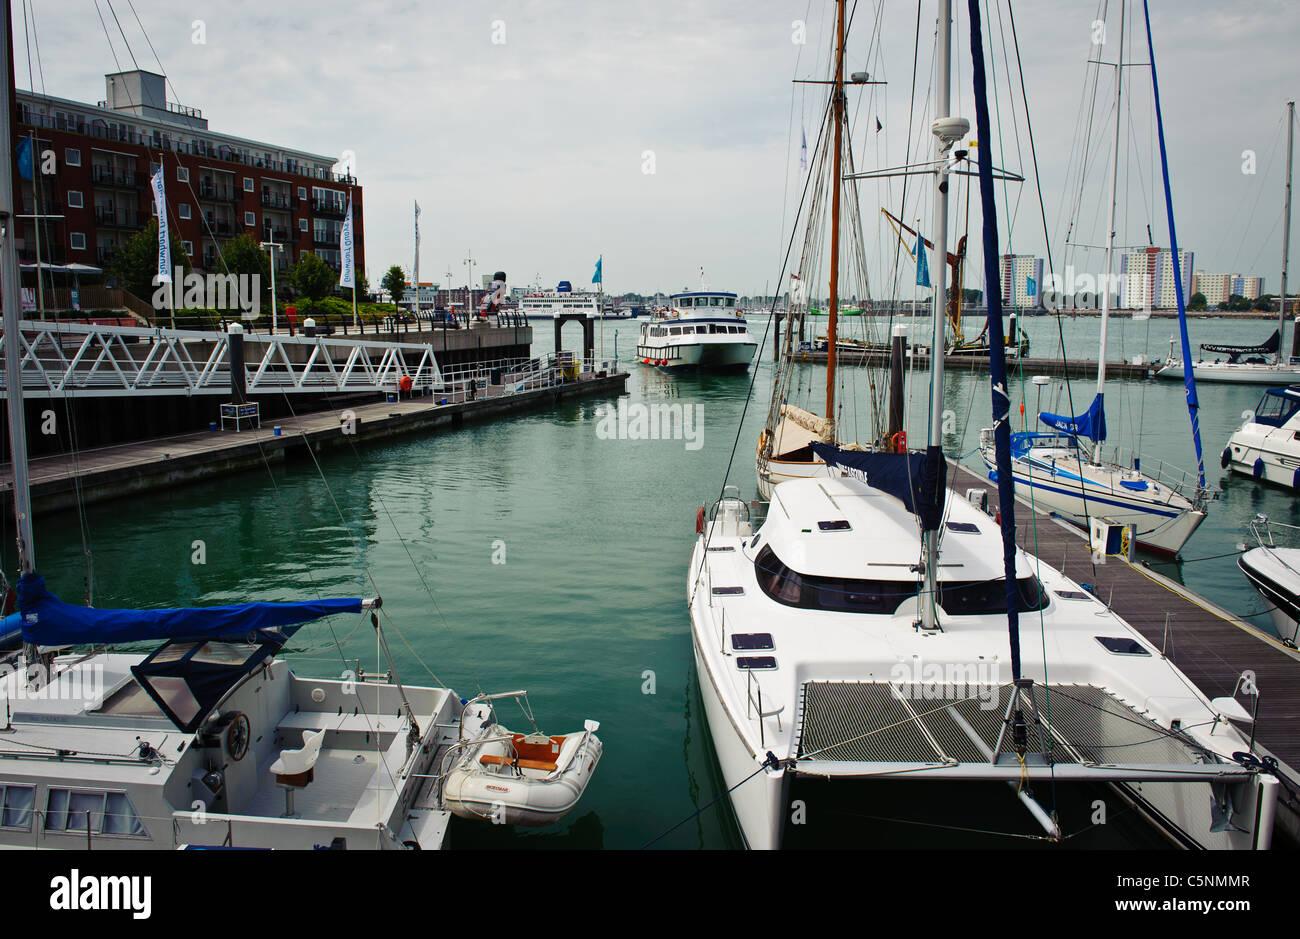 Portsmouth marina - Stock Image